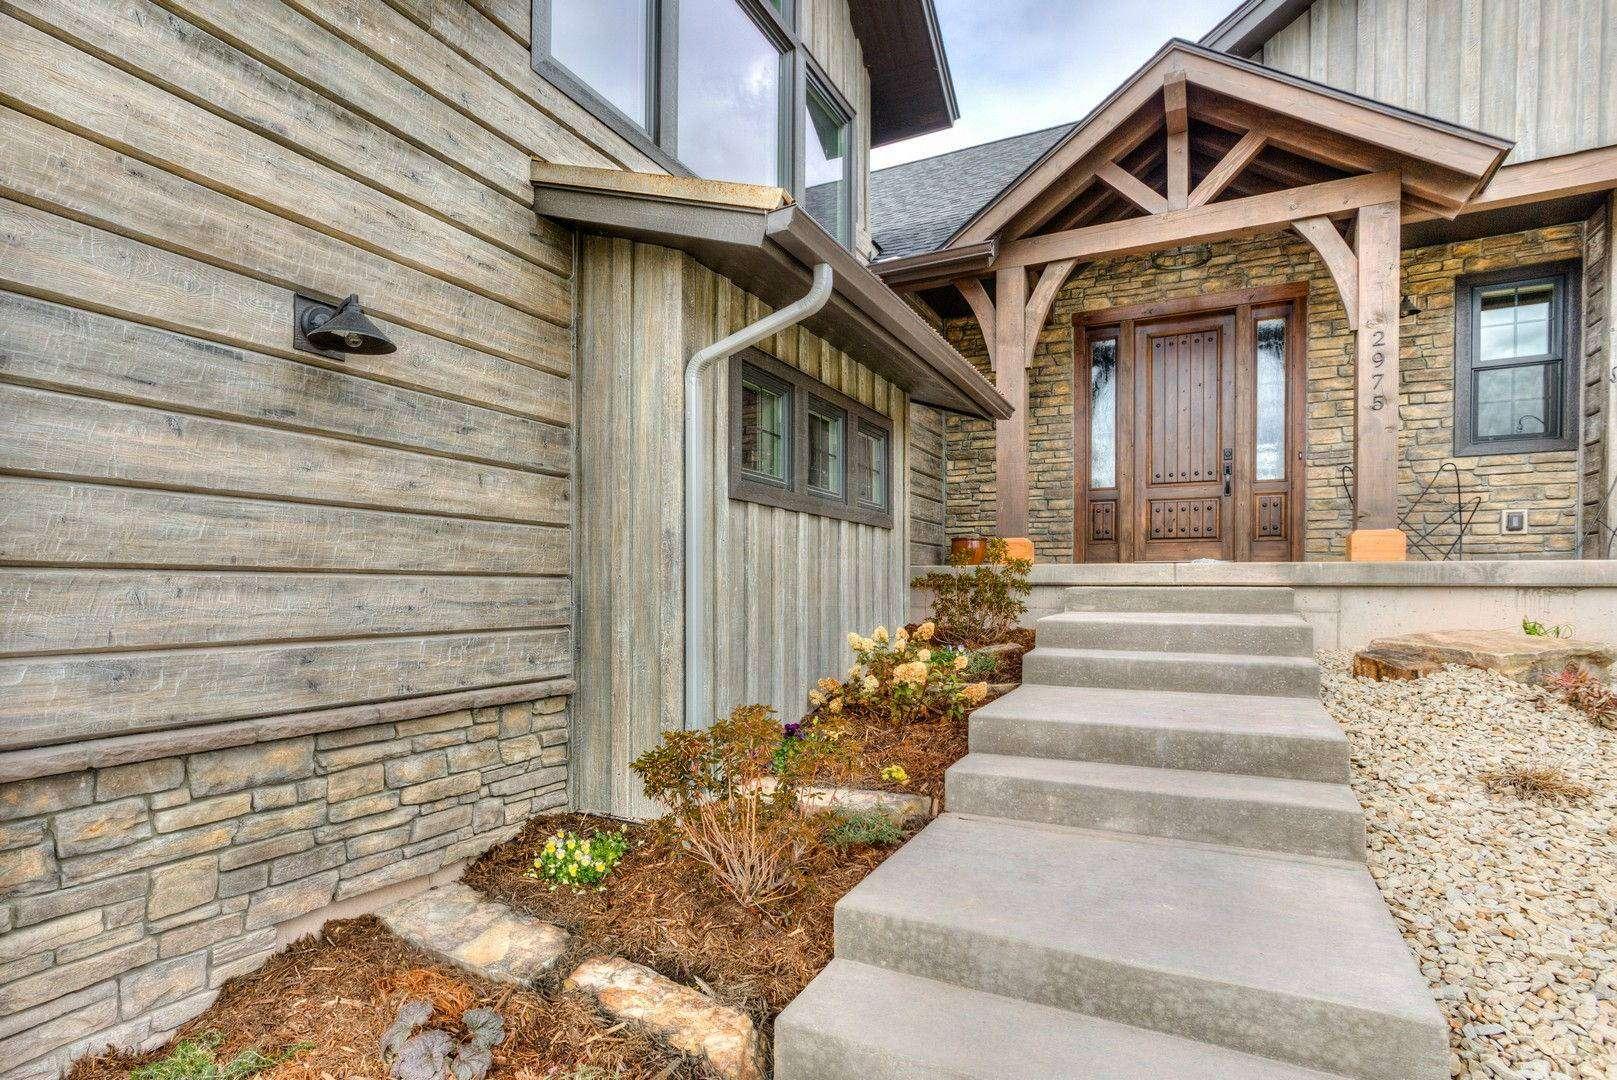 Concrete Siding For Homes : Golf retreat home missoula montana everlog systems